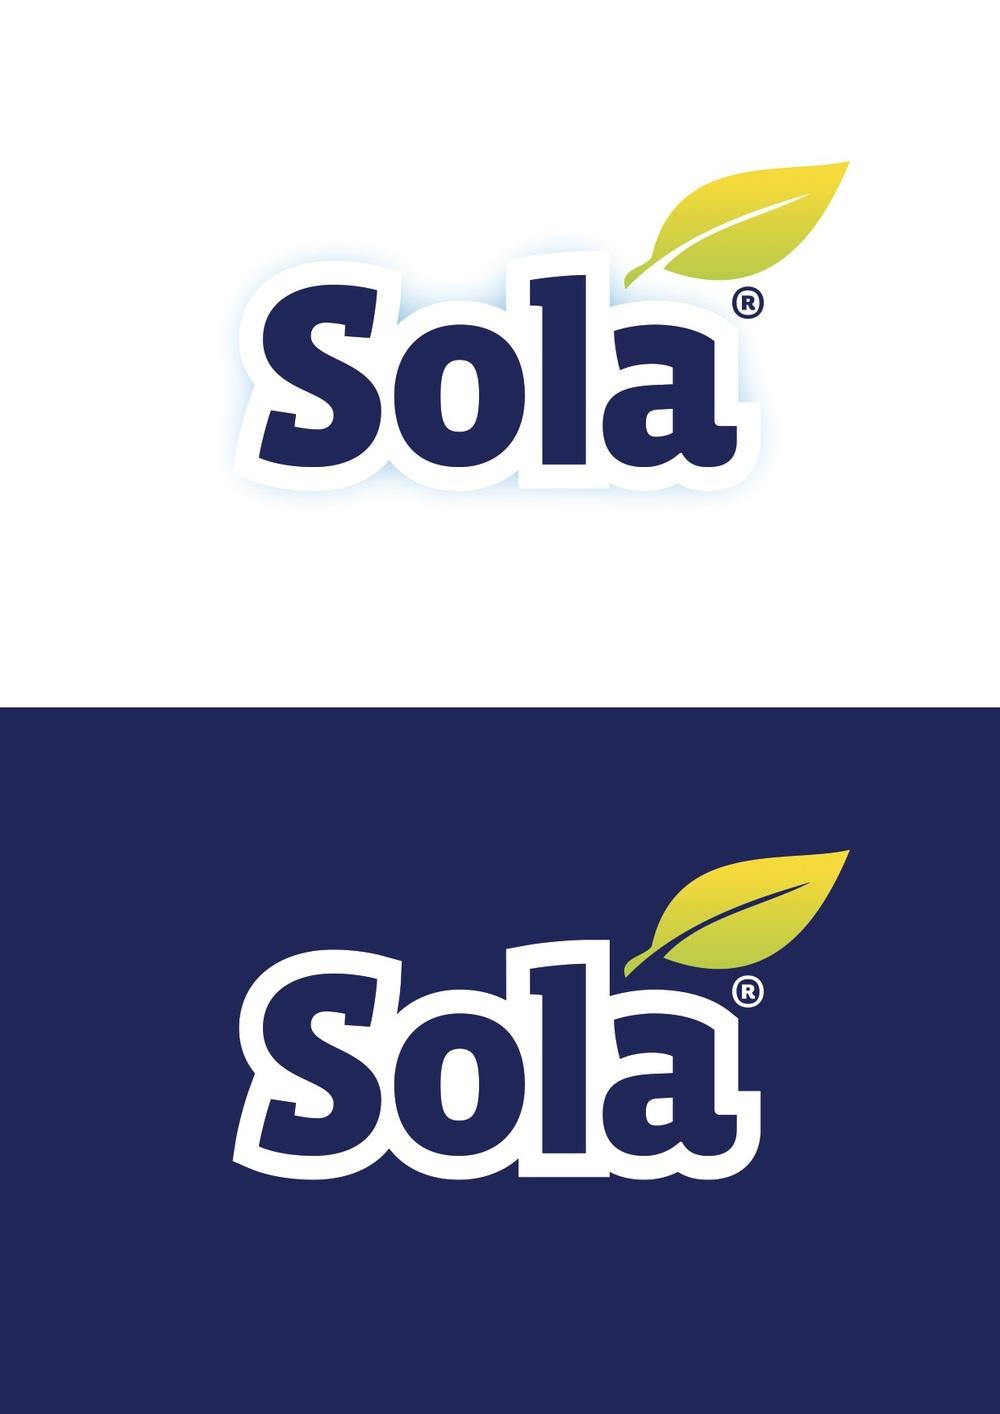 sola_logo_listek_cmyk_variante.jpg